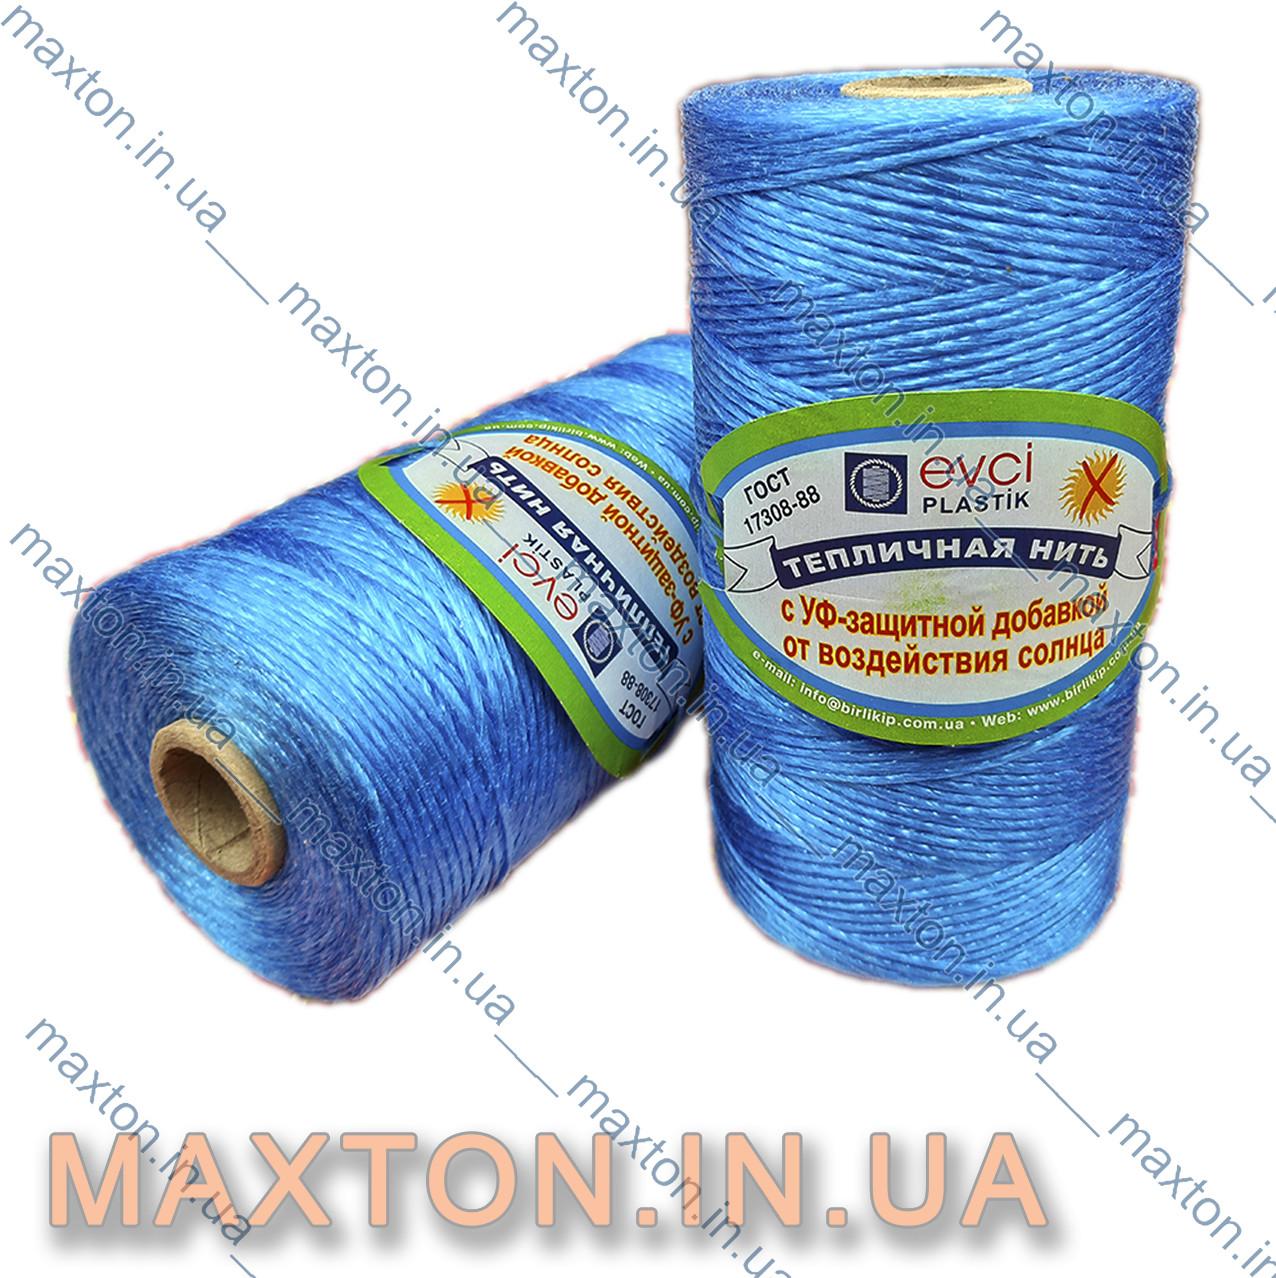 Шпагат подвязочный 500 грамм с защитой от ультрафиолета синий